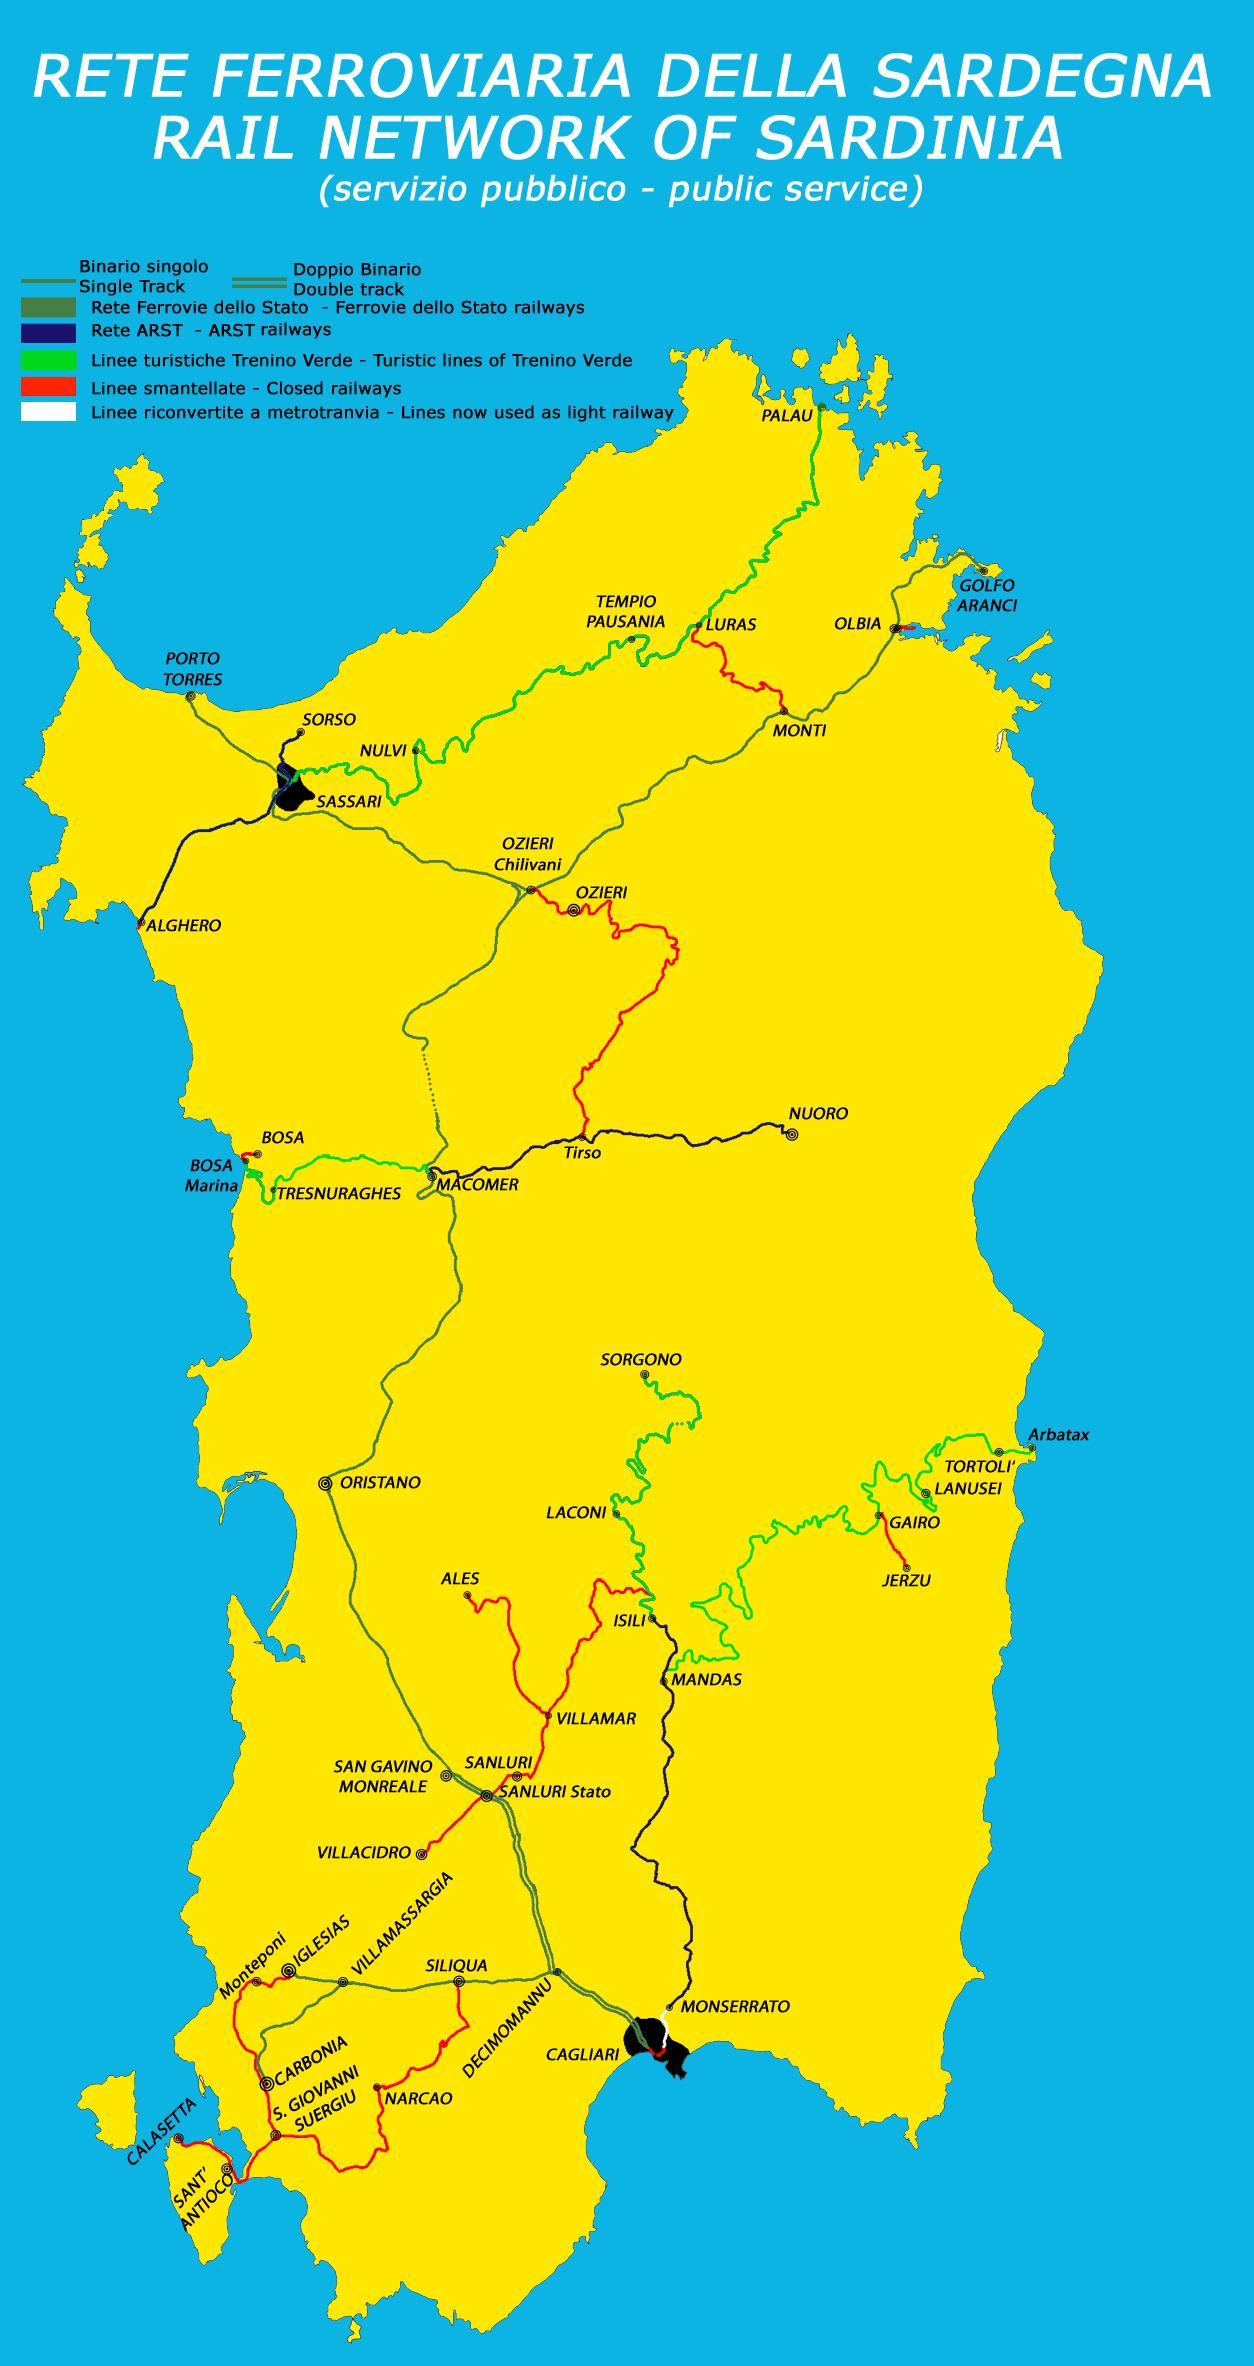 Cartina Porti Sardegna.Rete Ferroviaria Della Sardegna Wikipedia